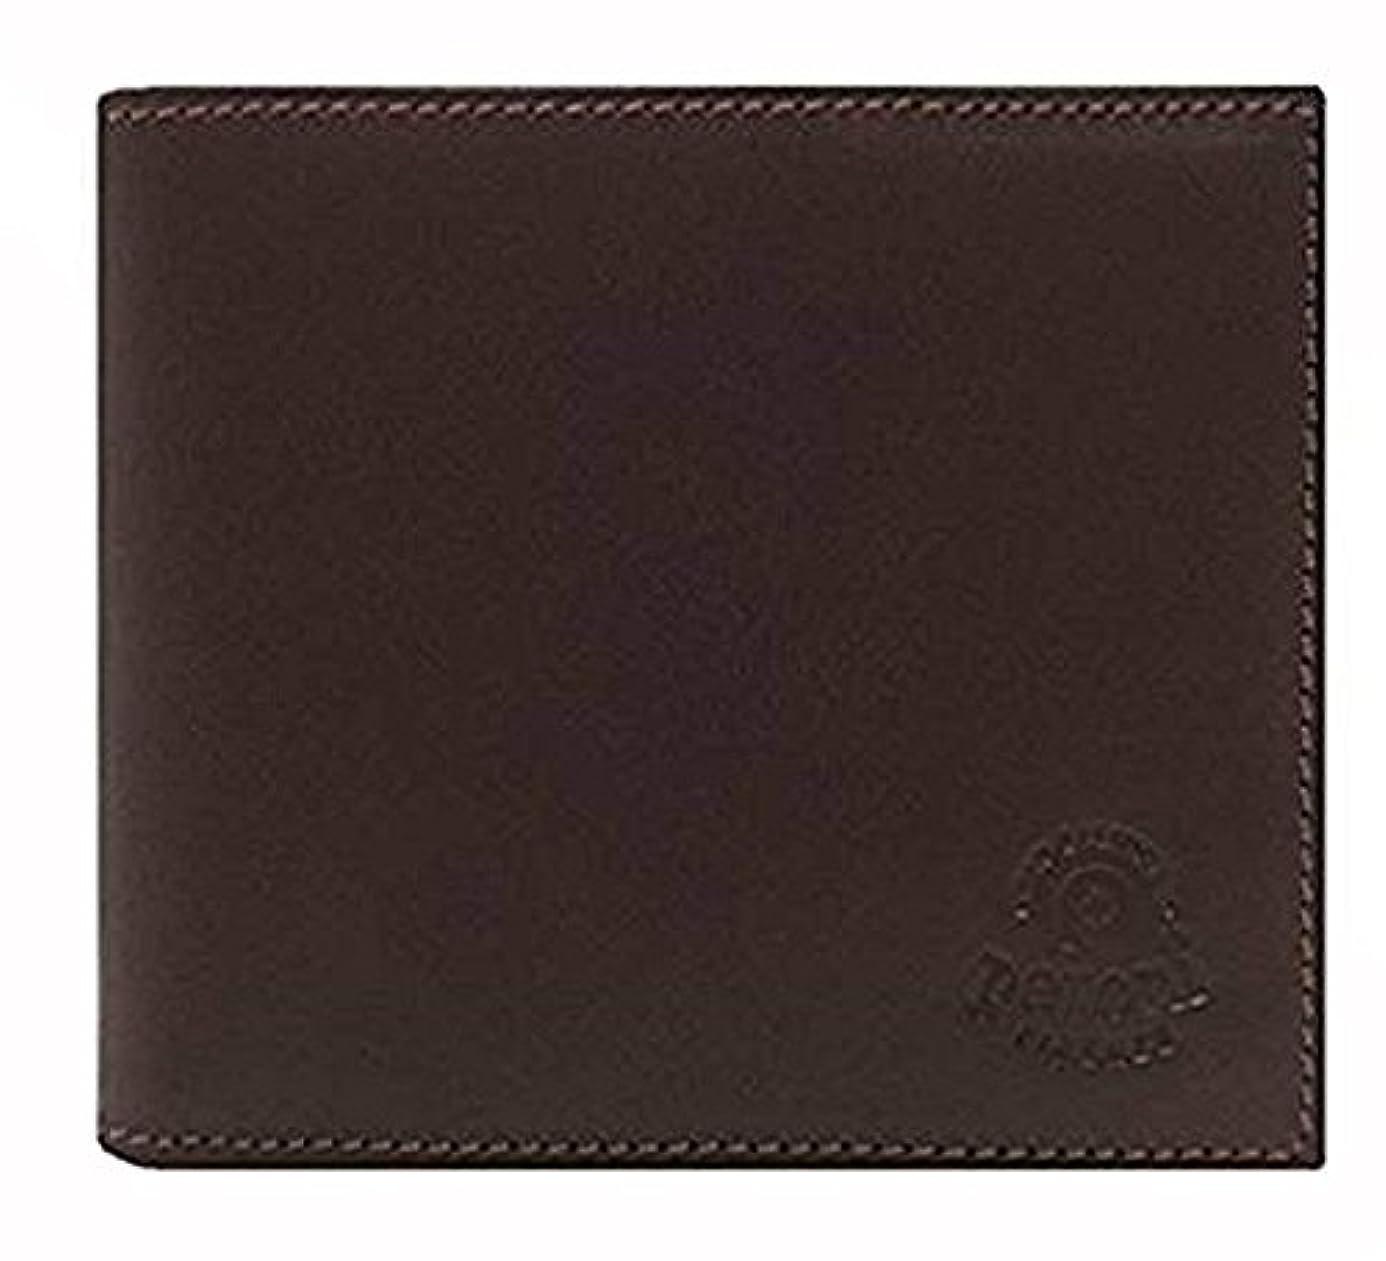 顔料粒子きらめきPERONI ぺローニ ART80011 レザー 二つ折り財布 【ART80011】 (全3色) [並行輸入品]